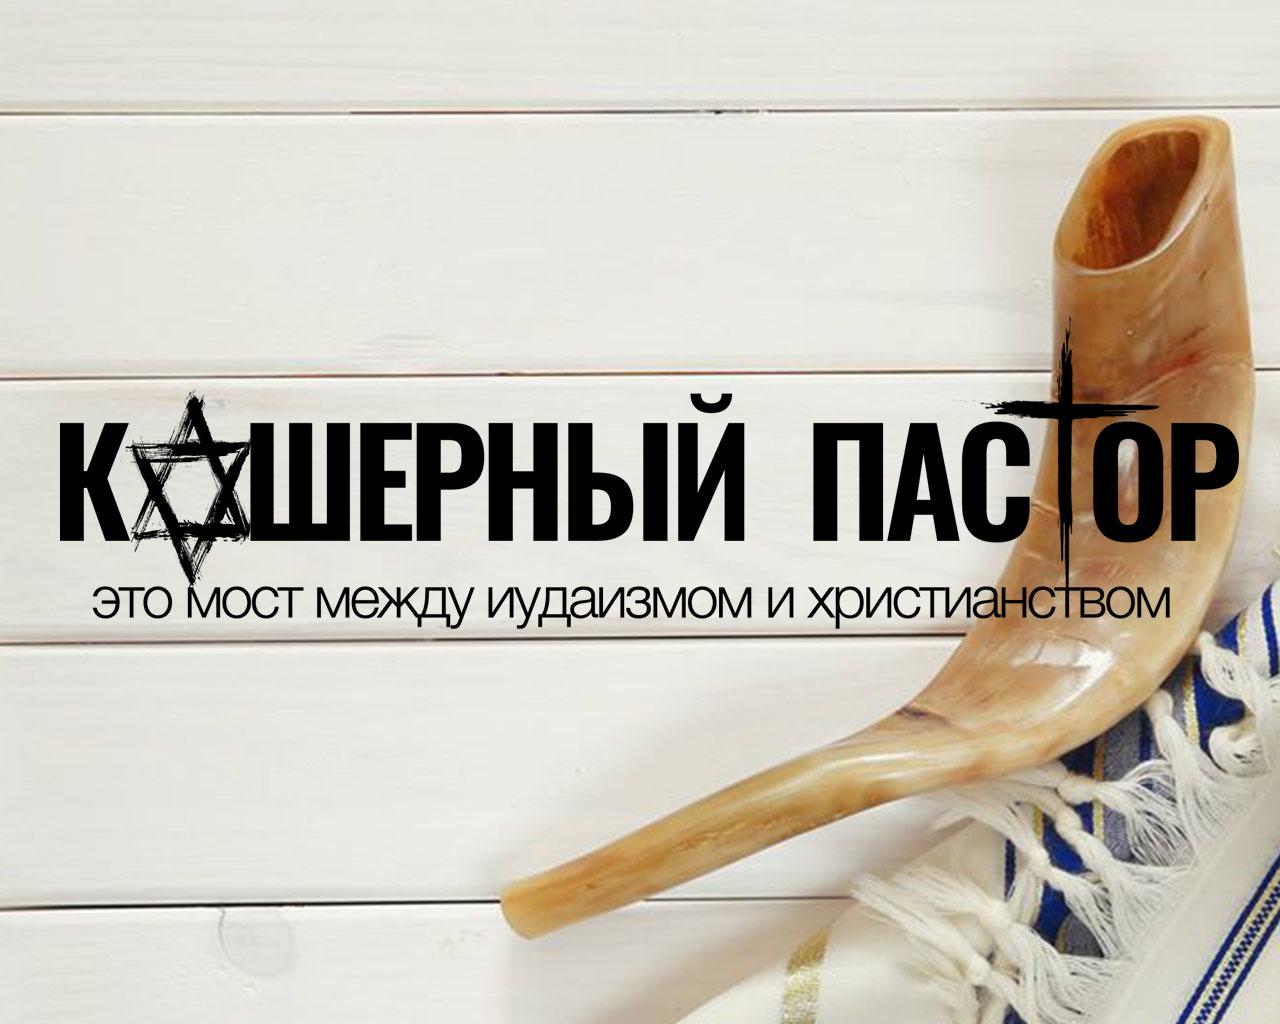 img_shuvu_kosher_pastor_1280x1024_RUS